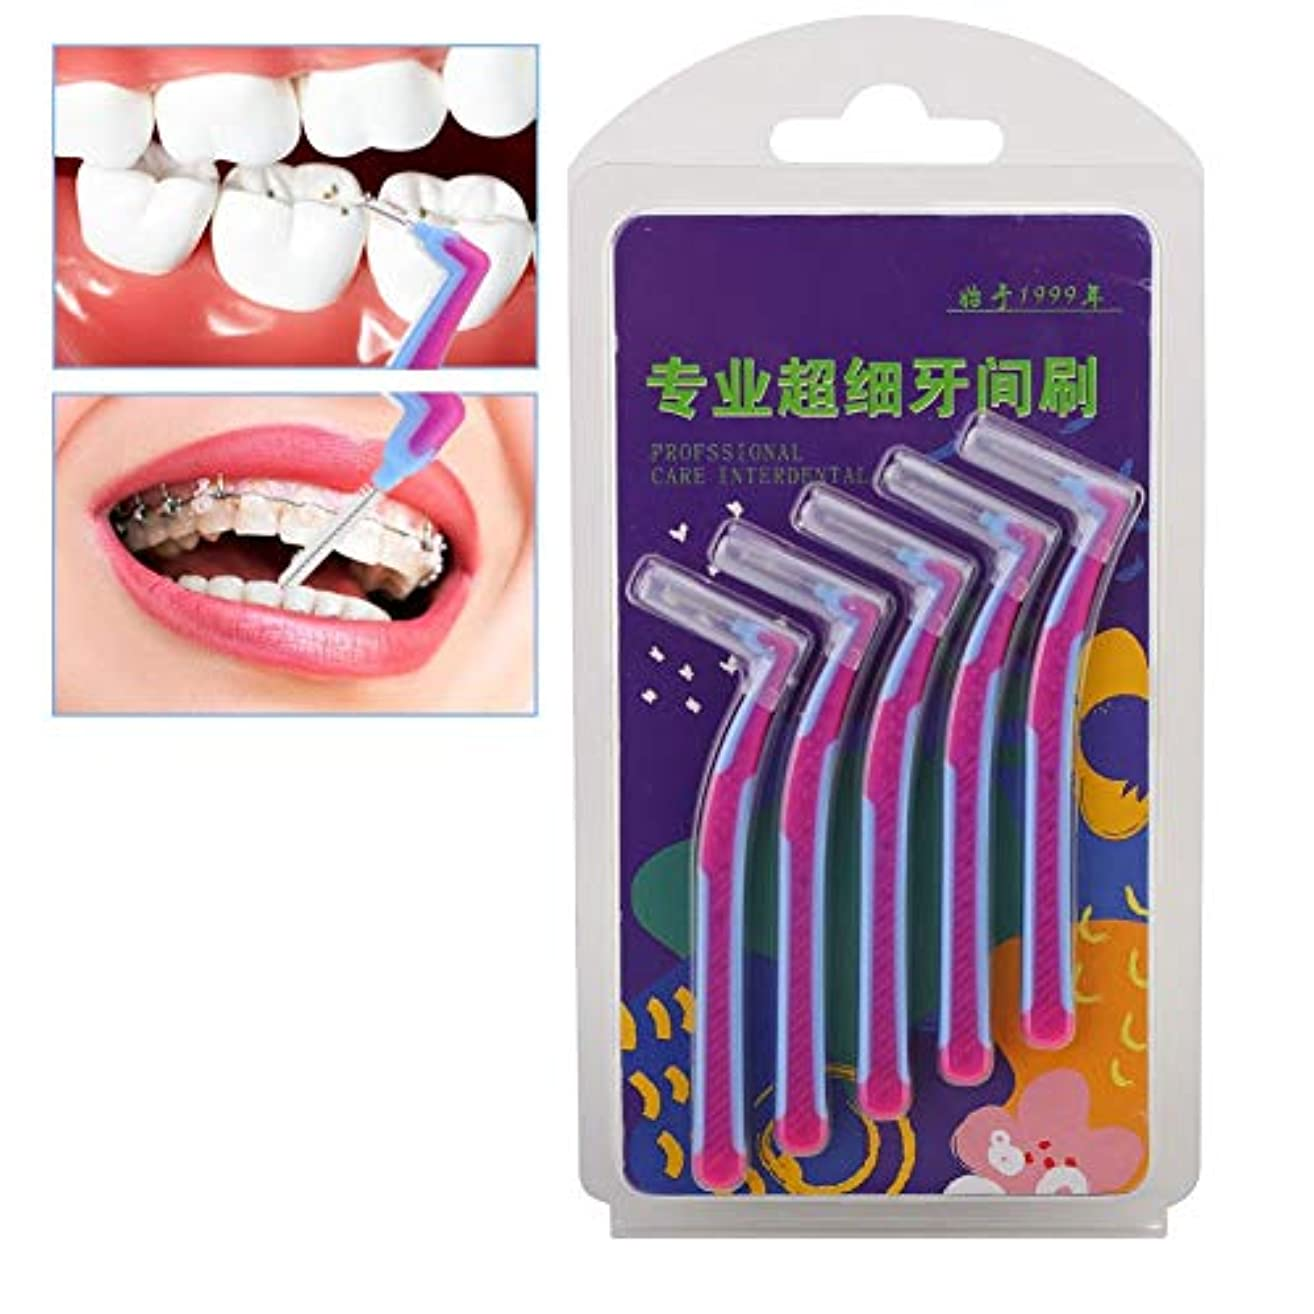 空港スラム街フィルタ歯間ブラシ、5本のL字型ディープクリーニング歯間ブラシ柔らかい毛の歯の汚れ除去ツール(0.6mm)